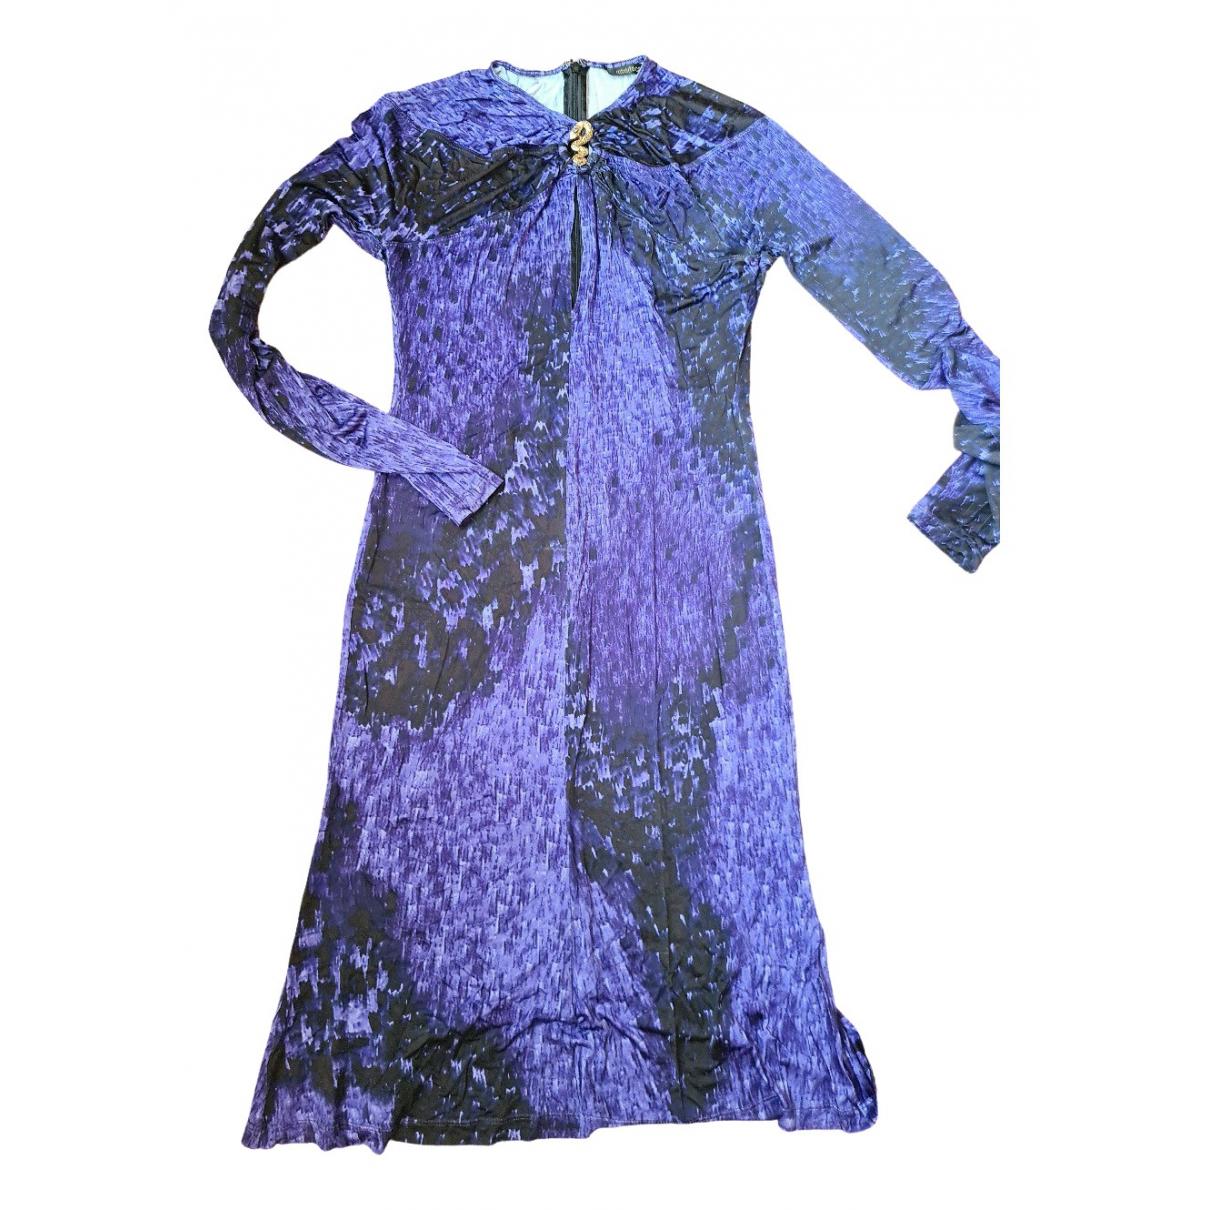 Roberto Cavalli \N Kleid in  Lila Viskose